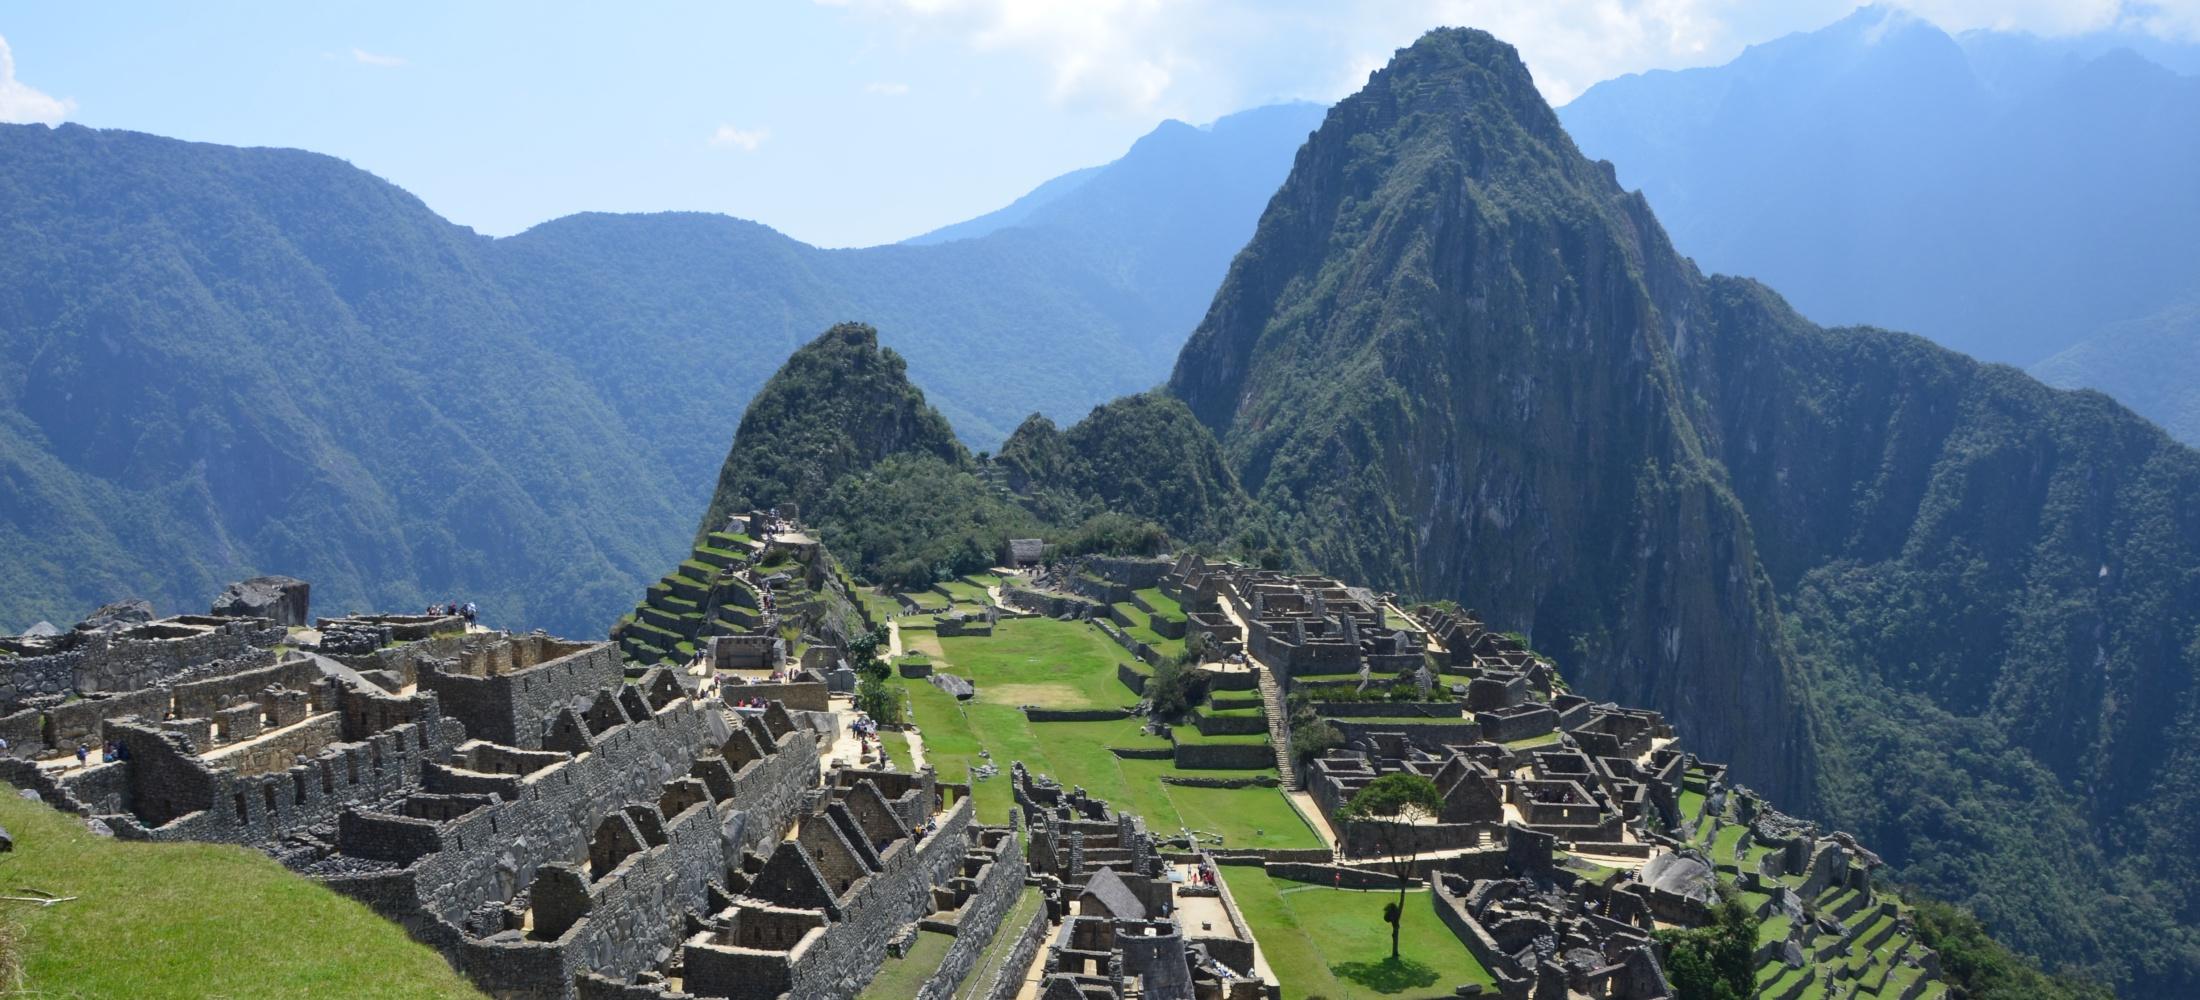 Machu Picchu // Mein Weg zur geheimnisvollen Inkastadt